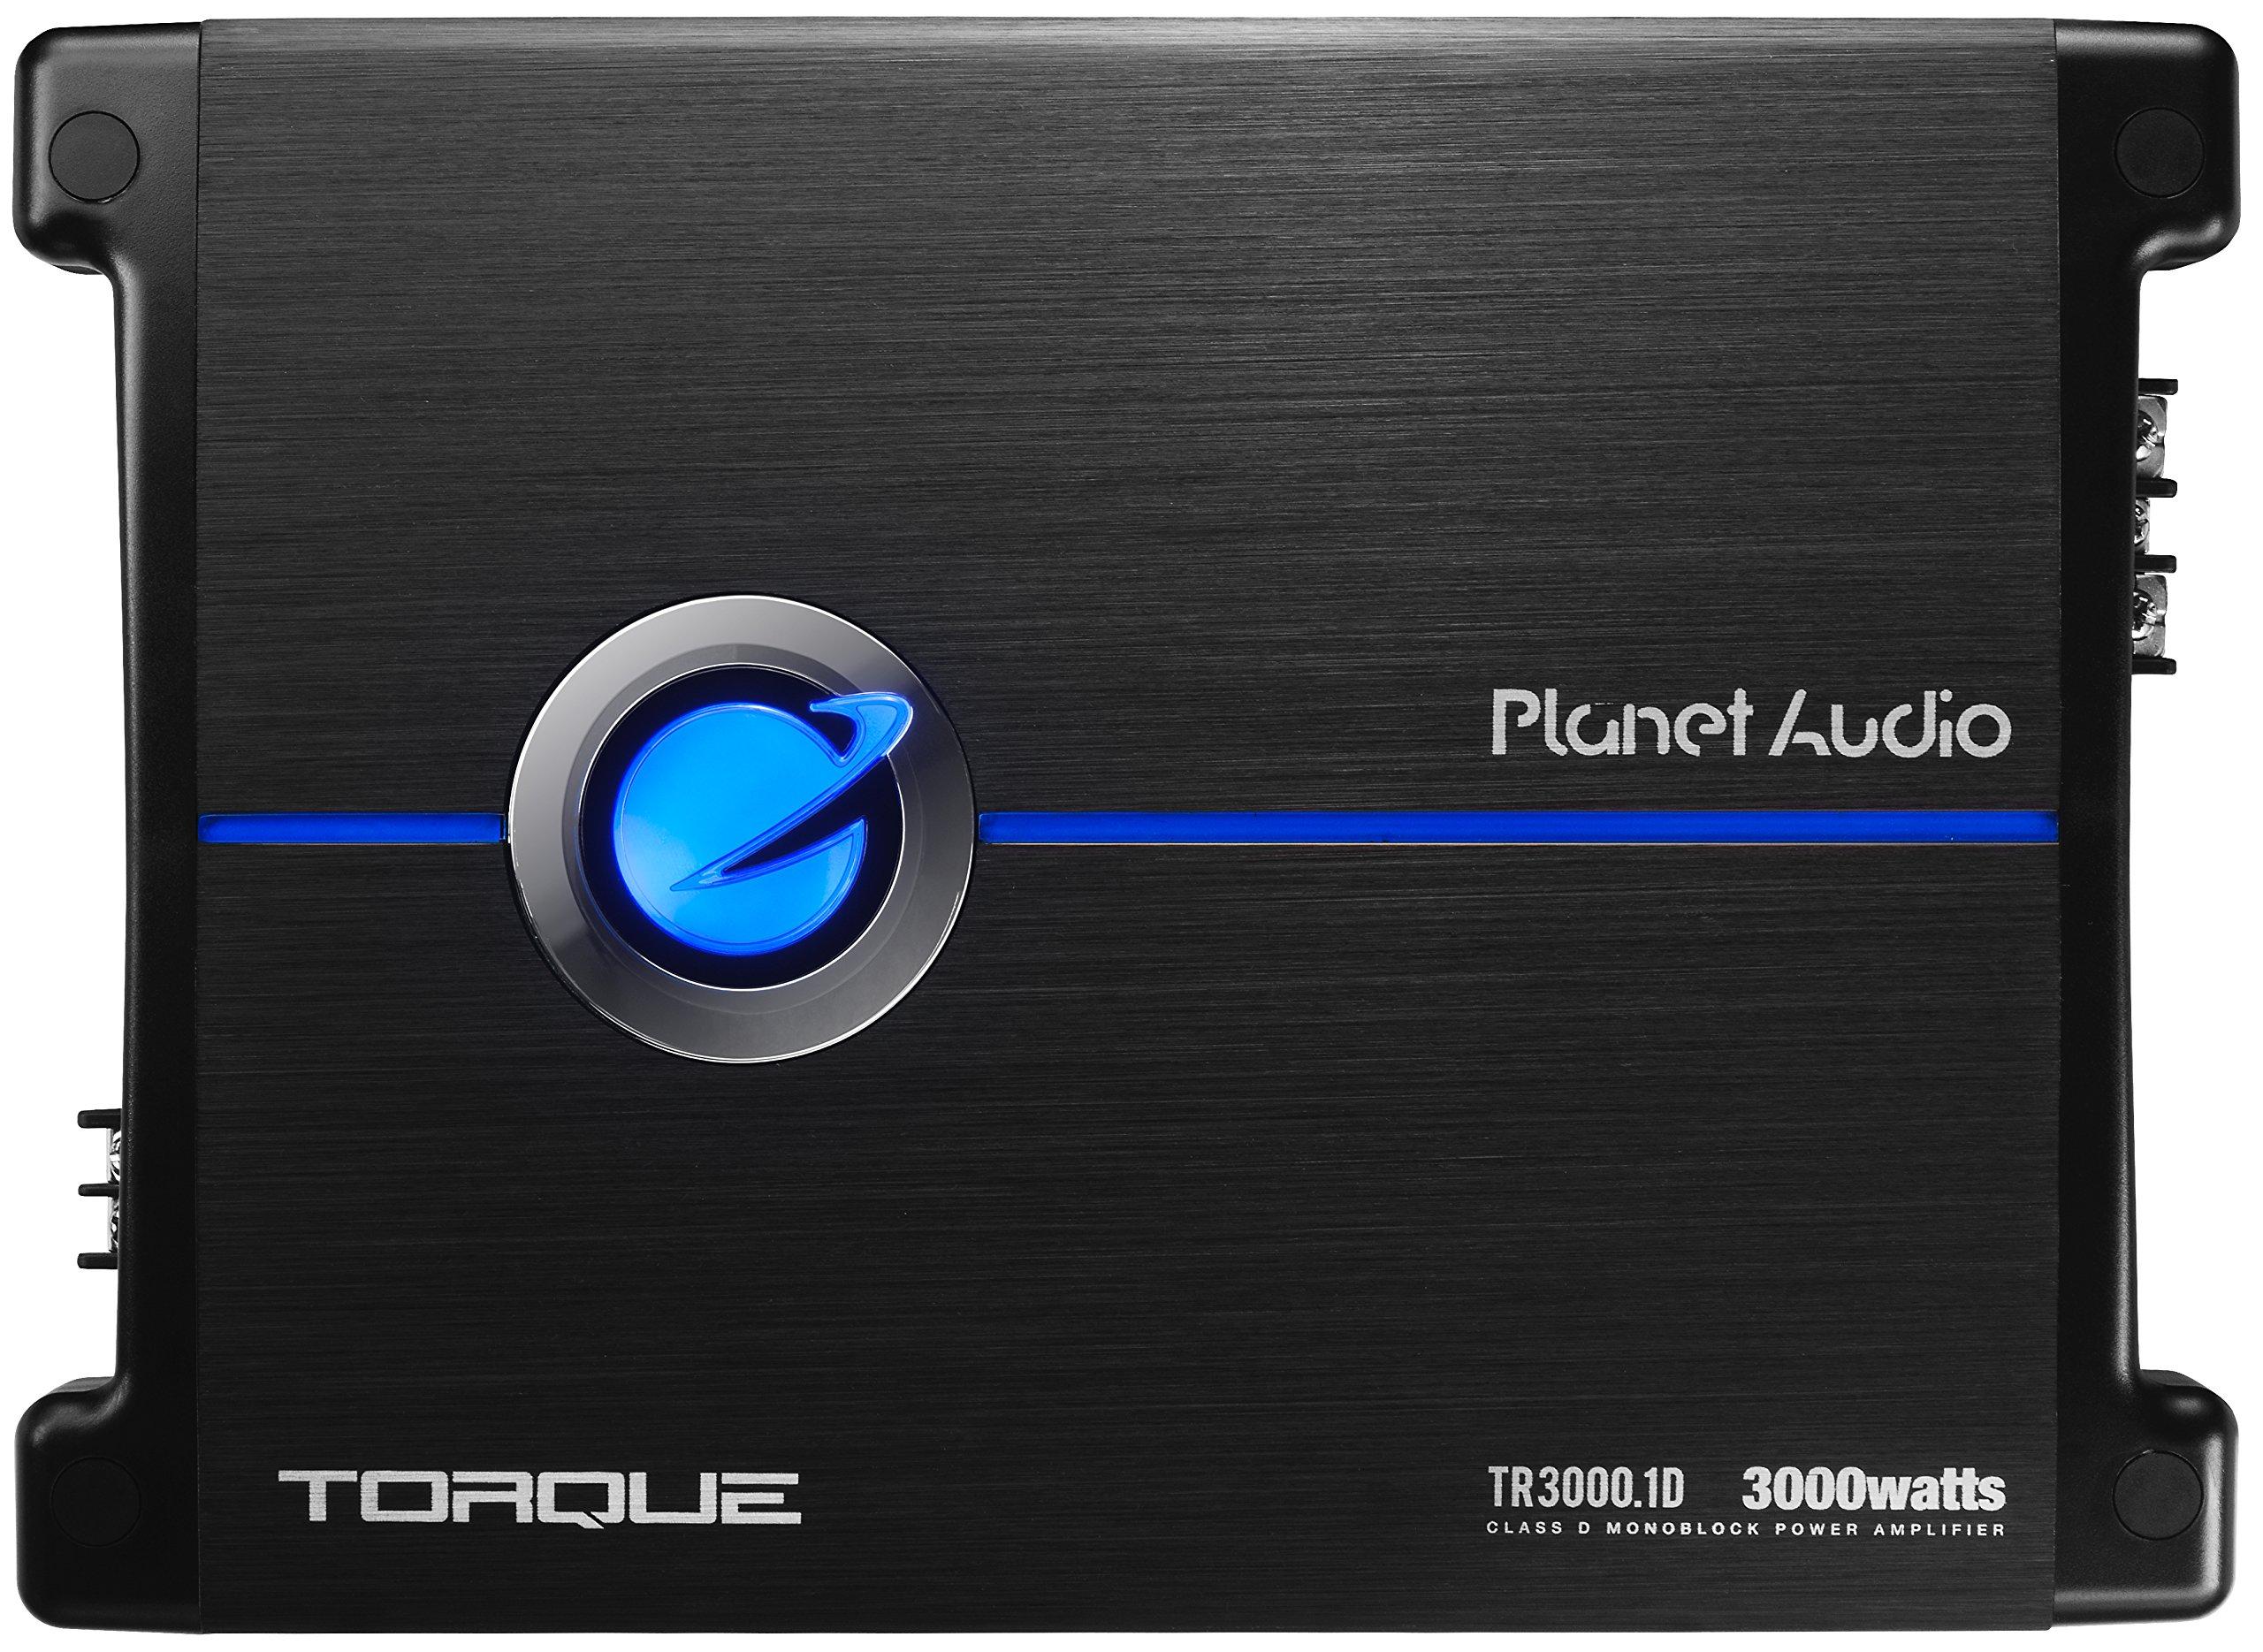 Planet Audio TR3000.1D Torque 3000 Watt, 1 Ohm Stable Class D Monoblock Car Amplifier with Remote Subwoofer Control